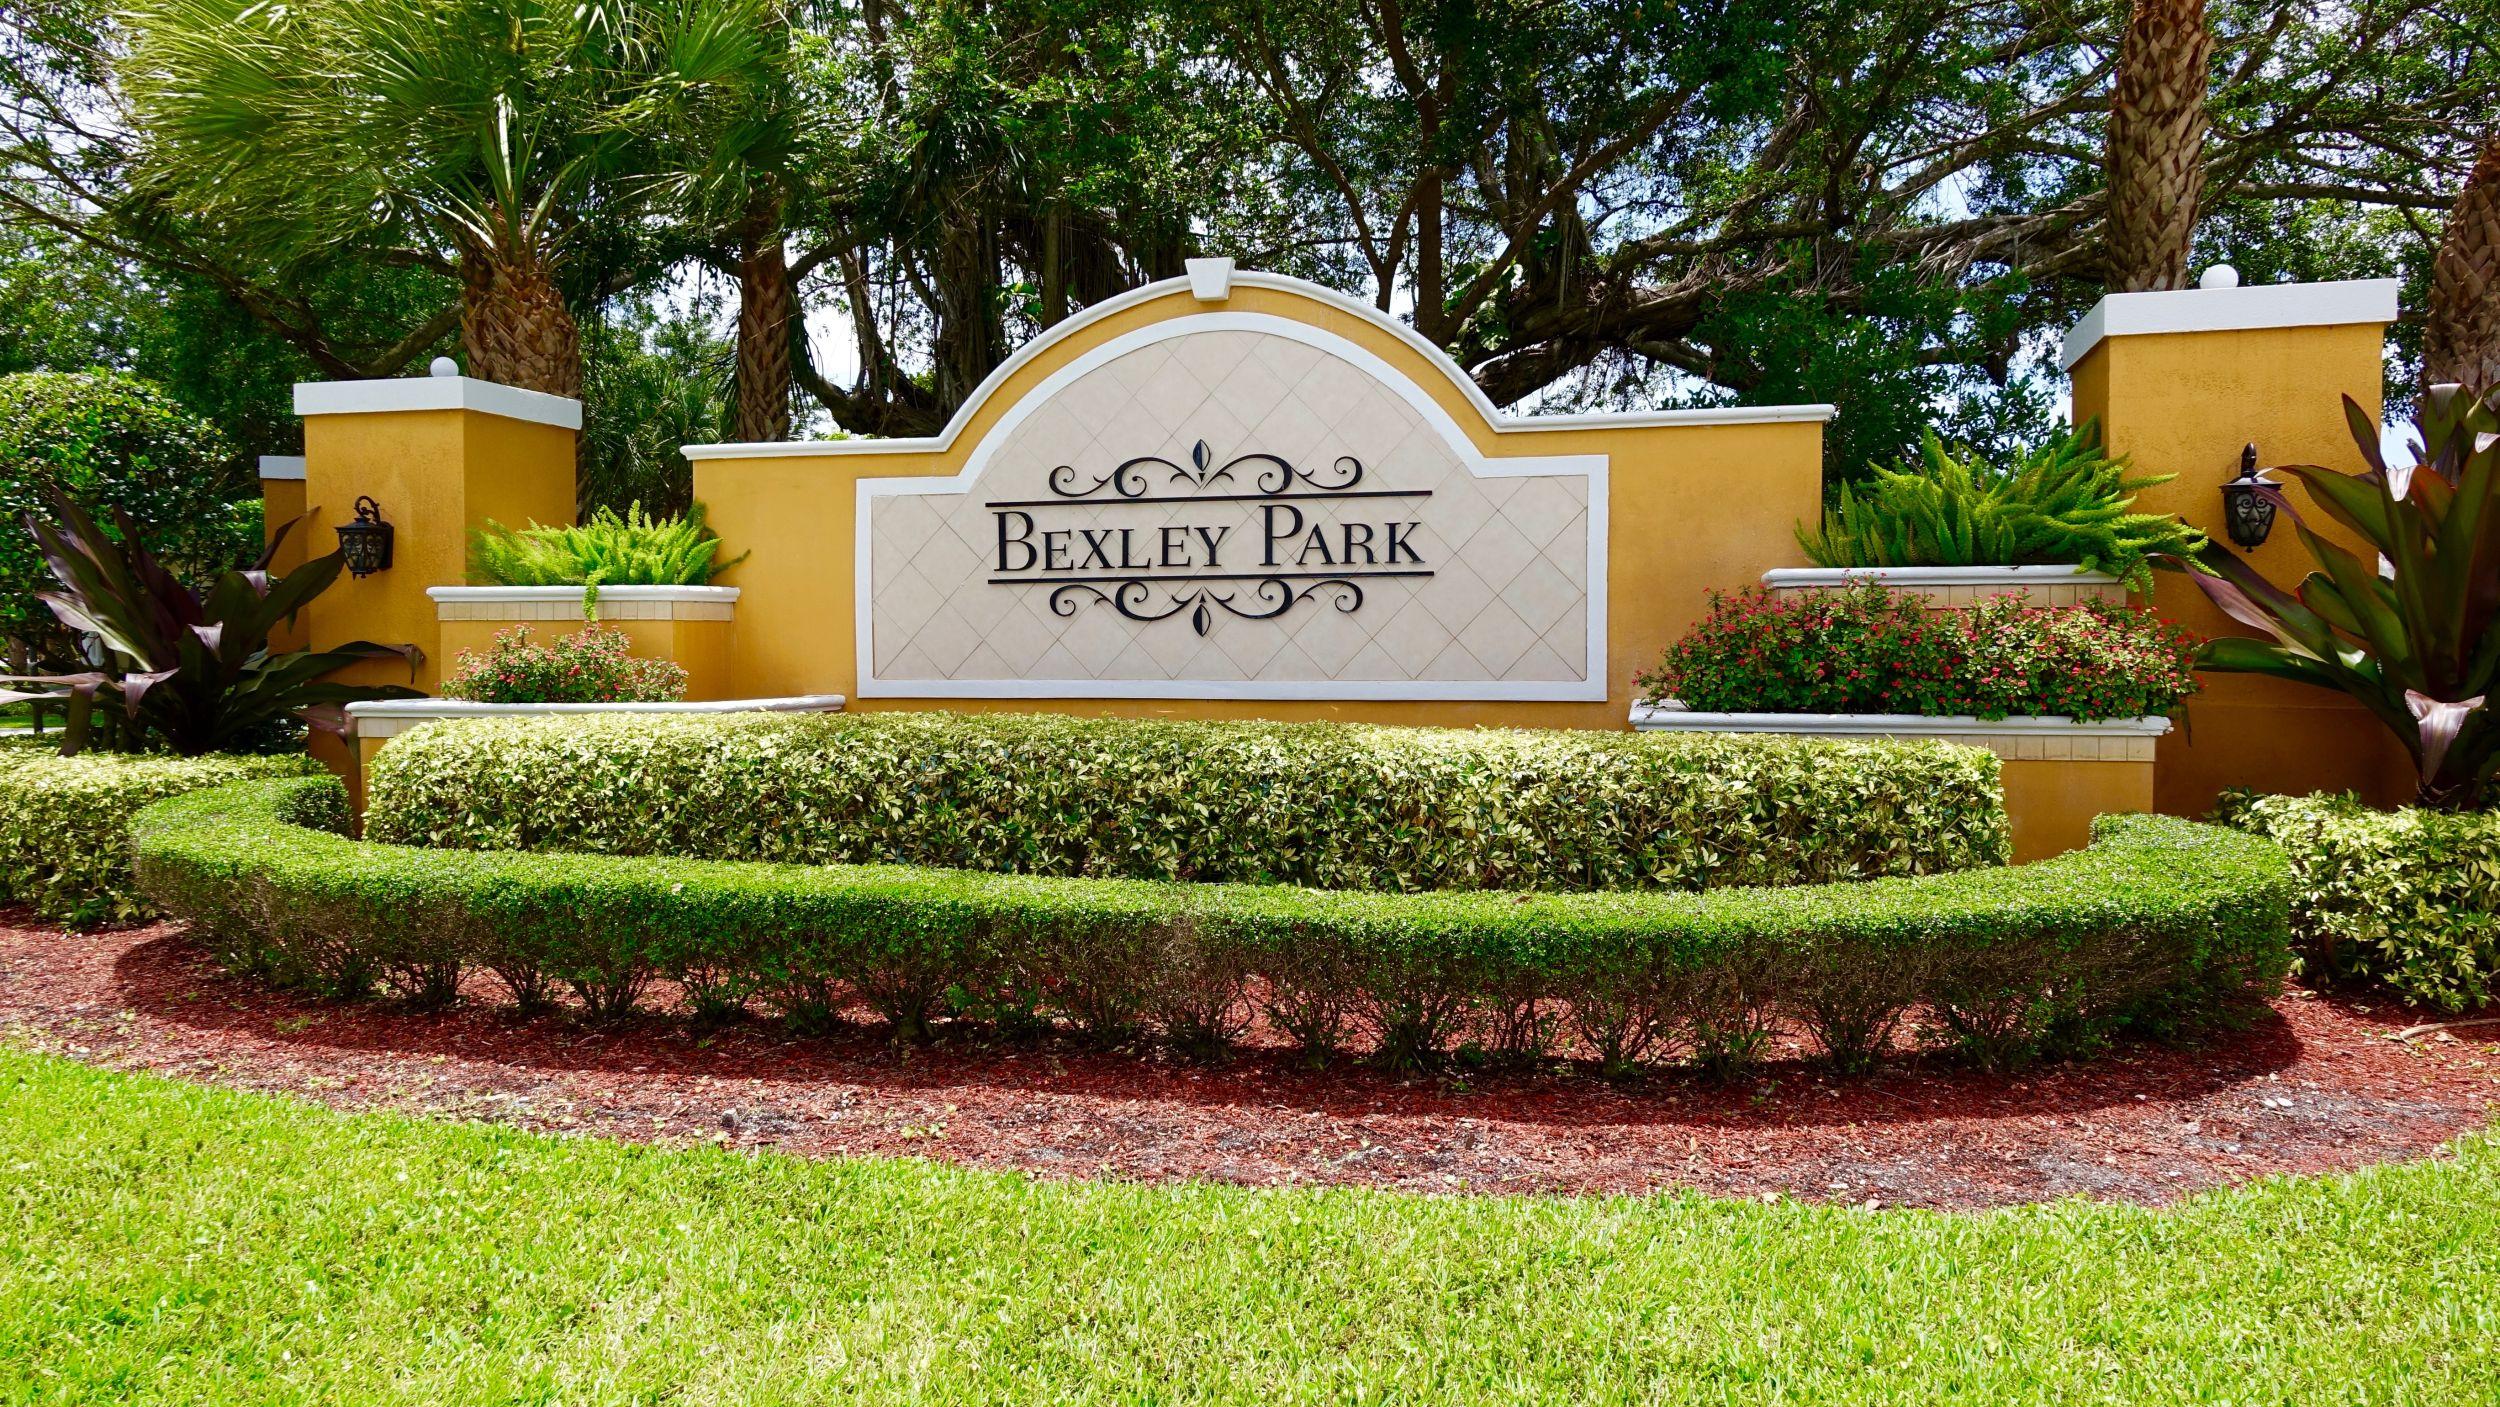 bexley park condos for sale